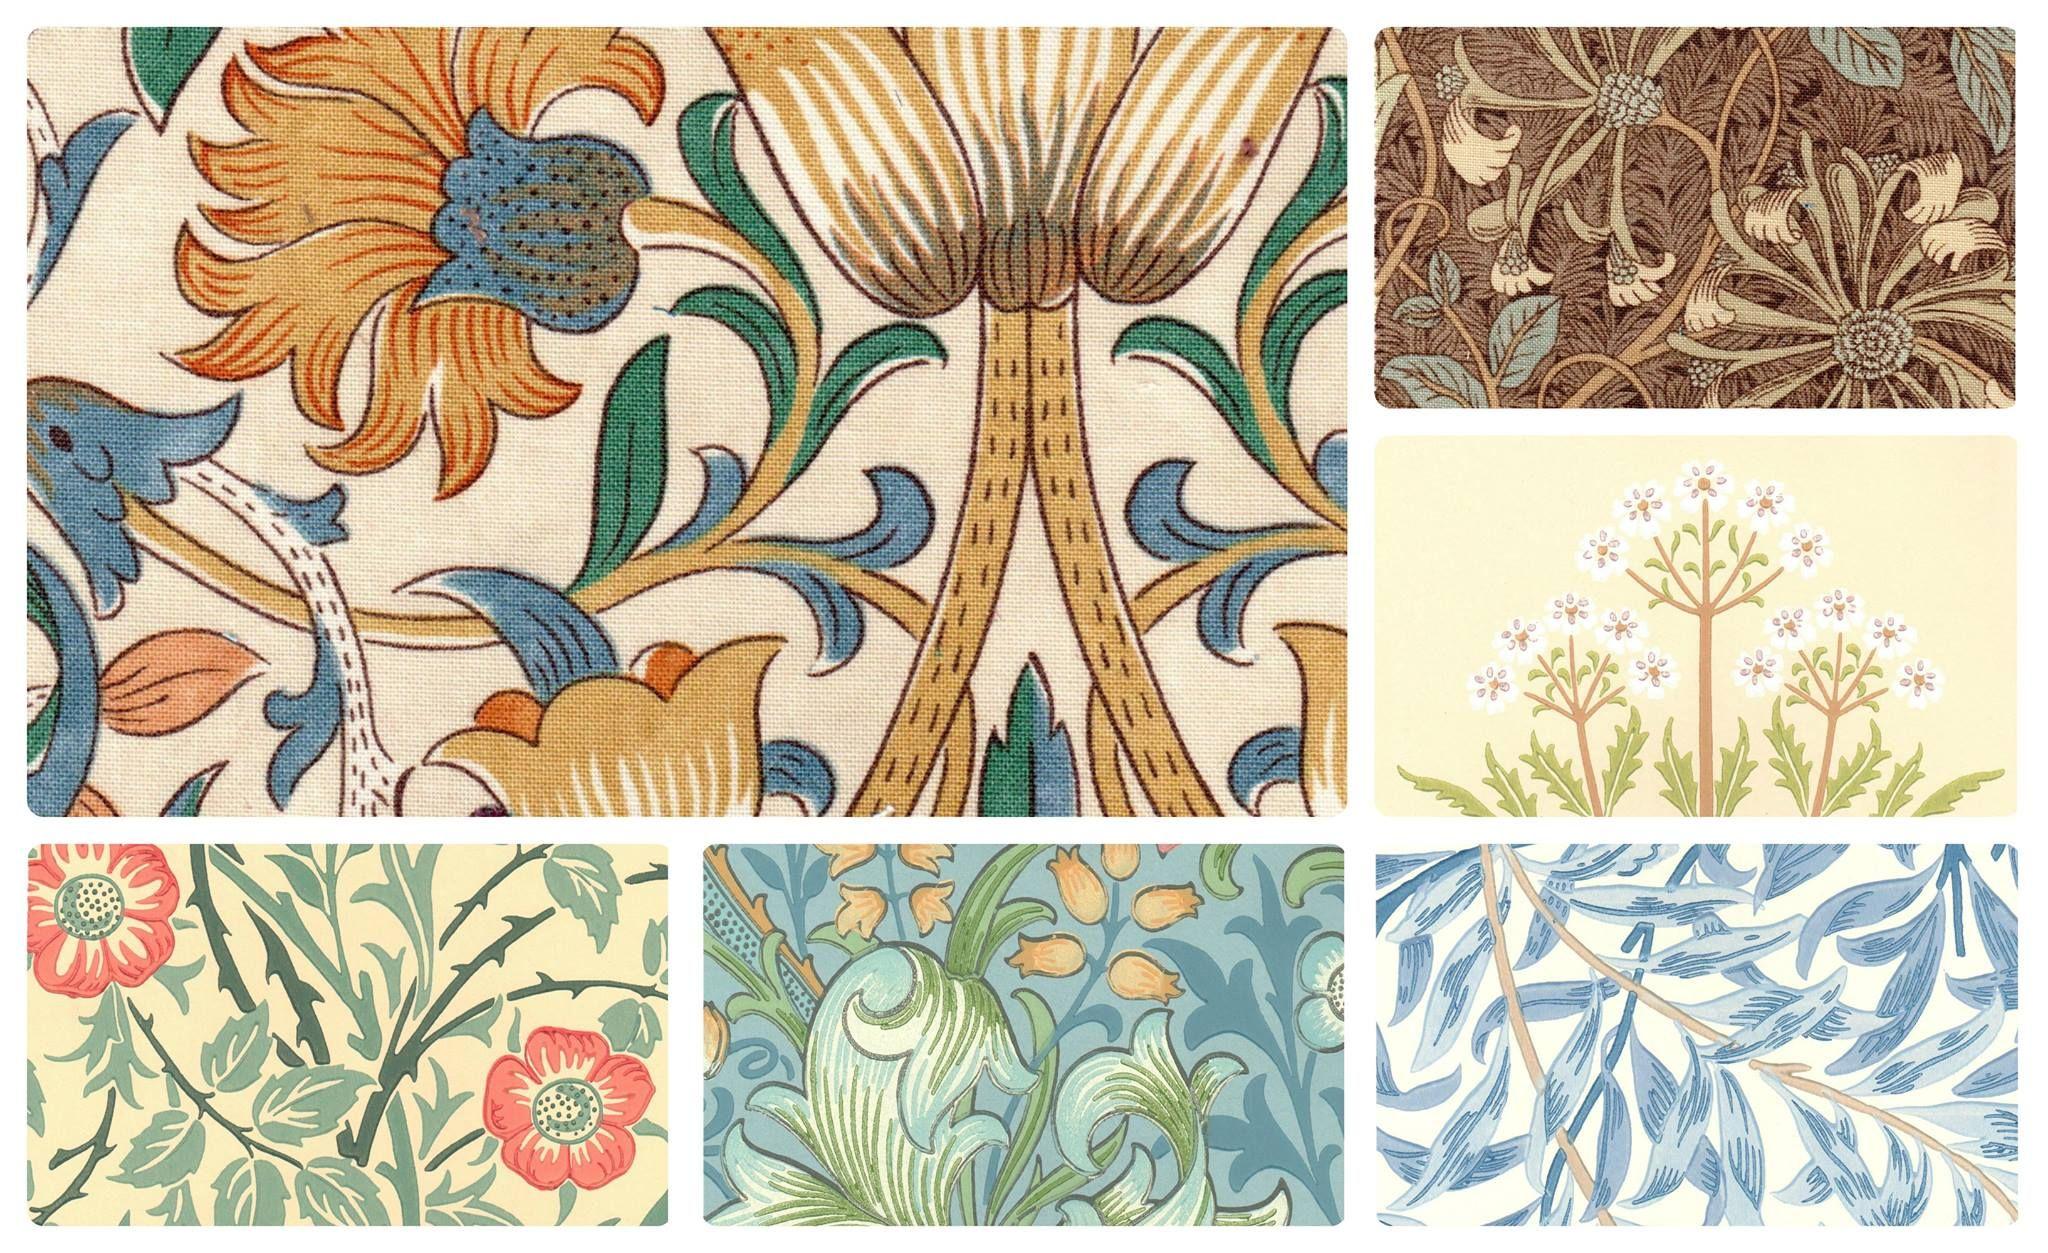 不朽的追求-威廉莫里斯特展 Everlasting Vision of William Morris | History design. History. Design